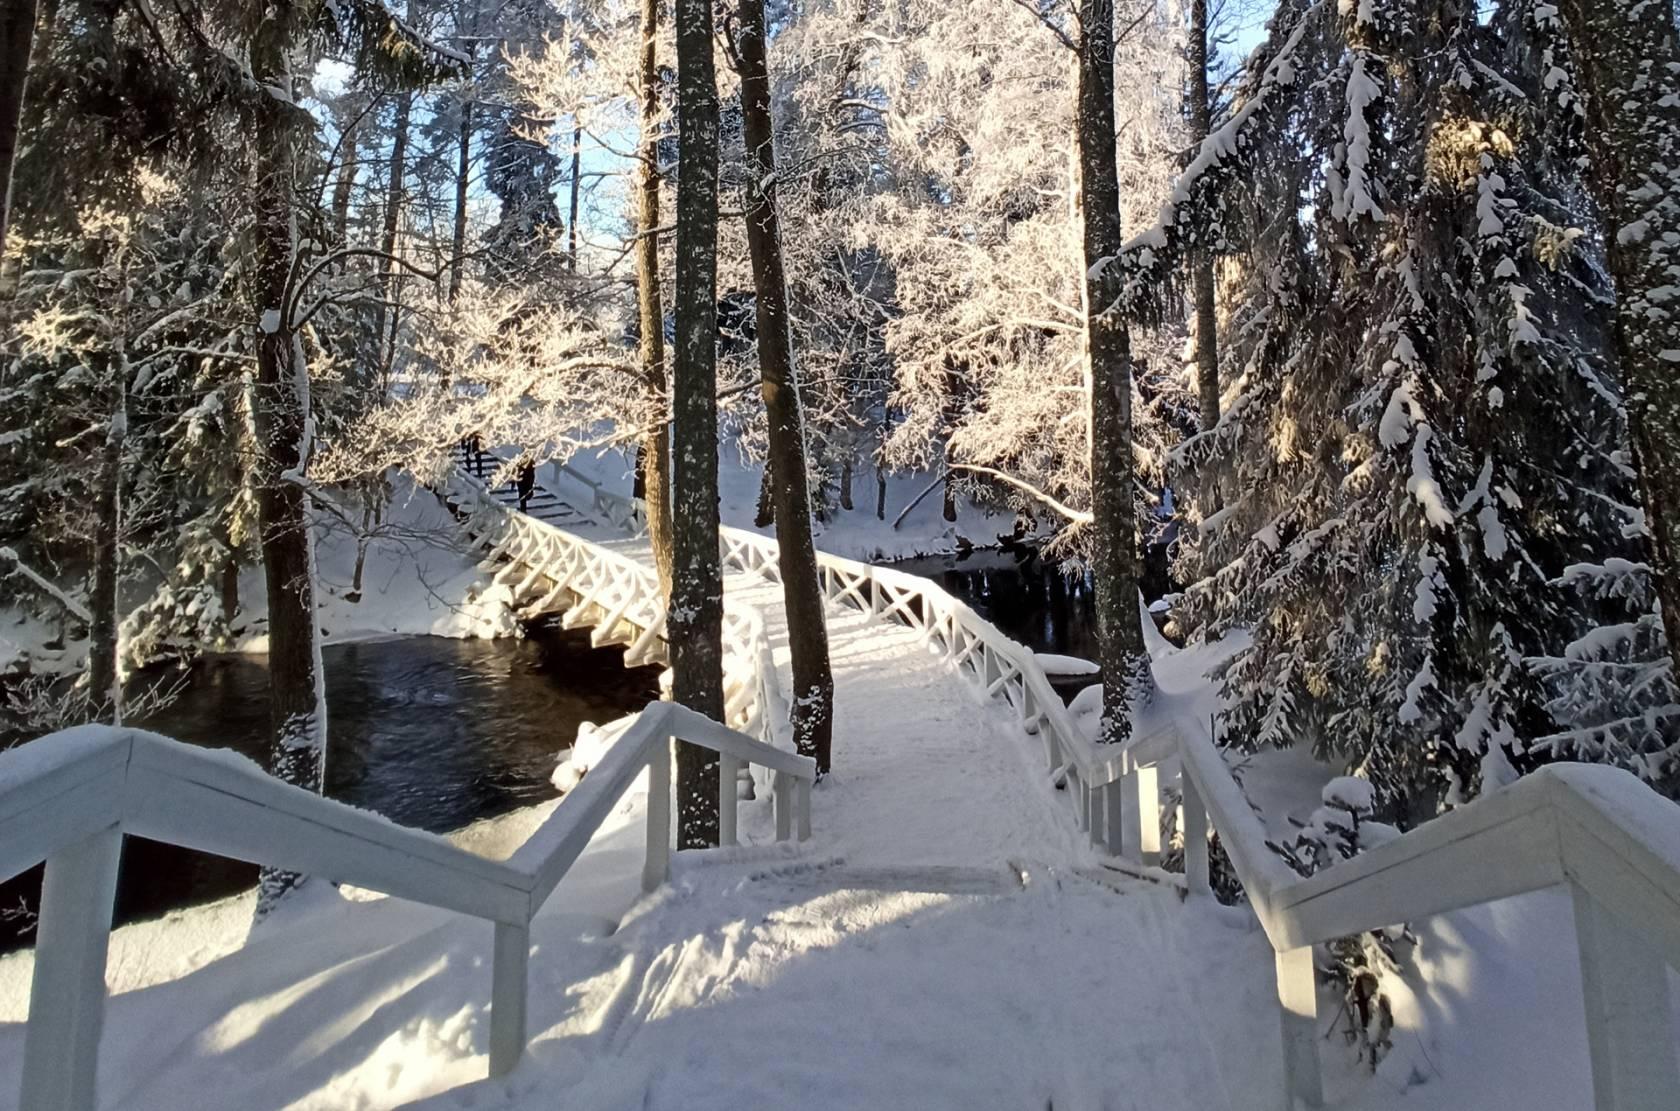 Riippusiltojen lenkin luminen silta puiden ympäröimänä.